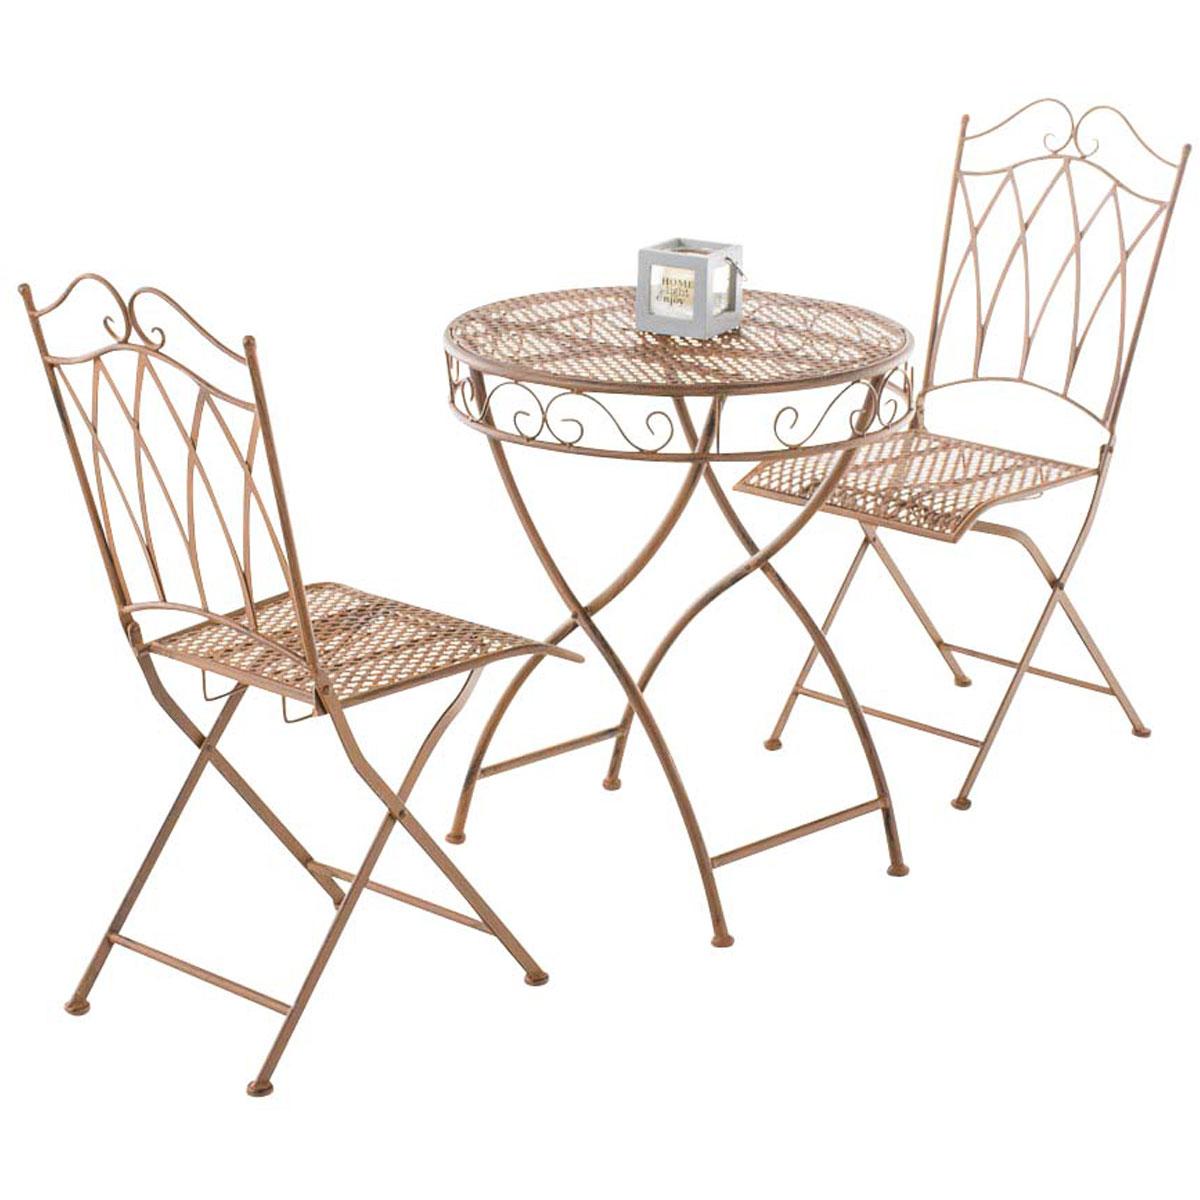 sitzgruppe lunis eisen gartenm bel metall gartenset vintage landhaus bistroset ebay. Black Bedroom Furniture Sets. Home Design Ideas